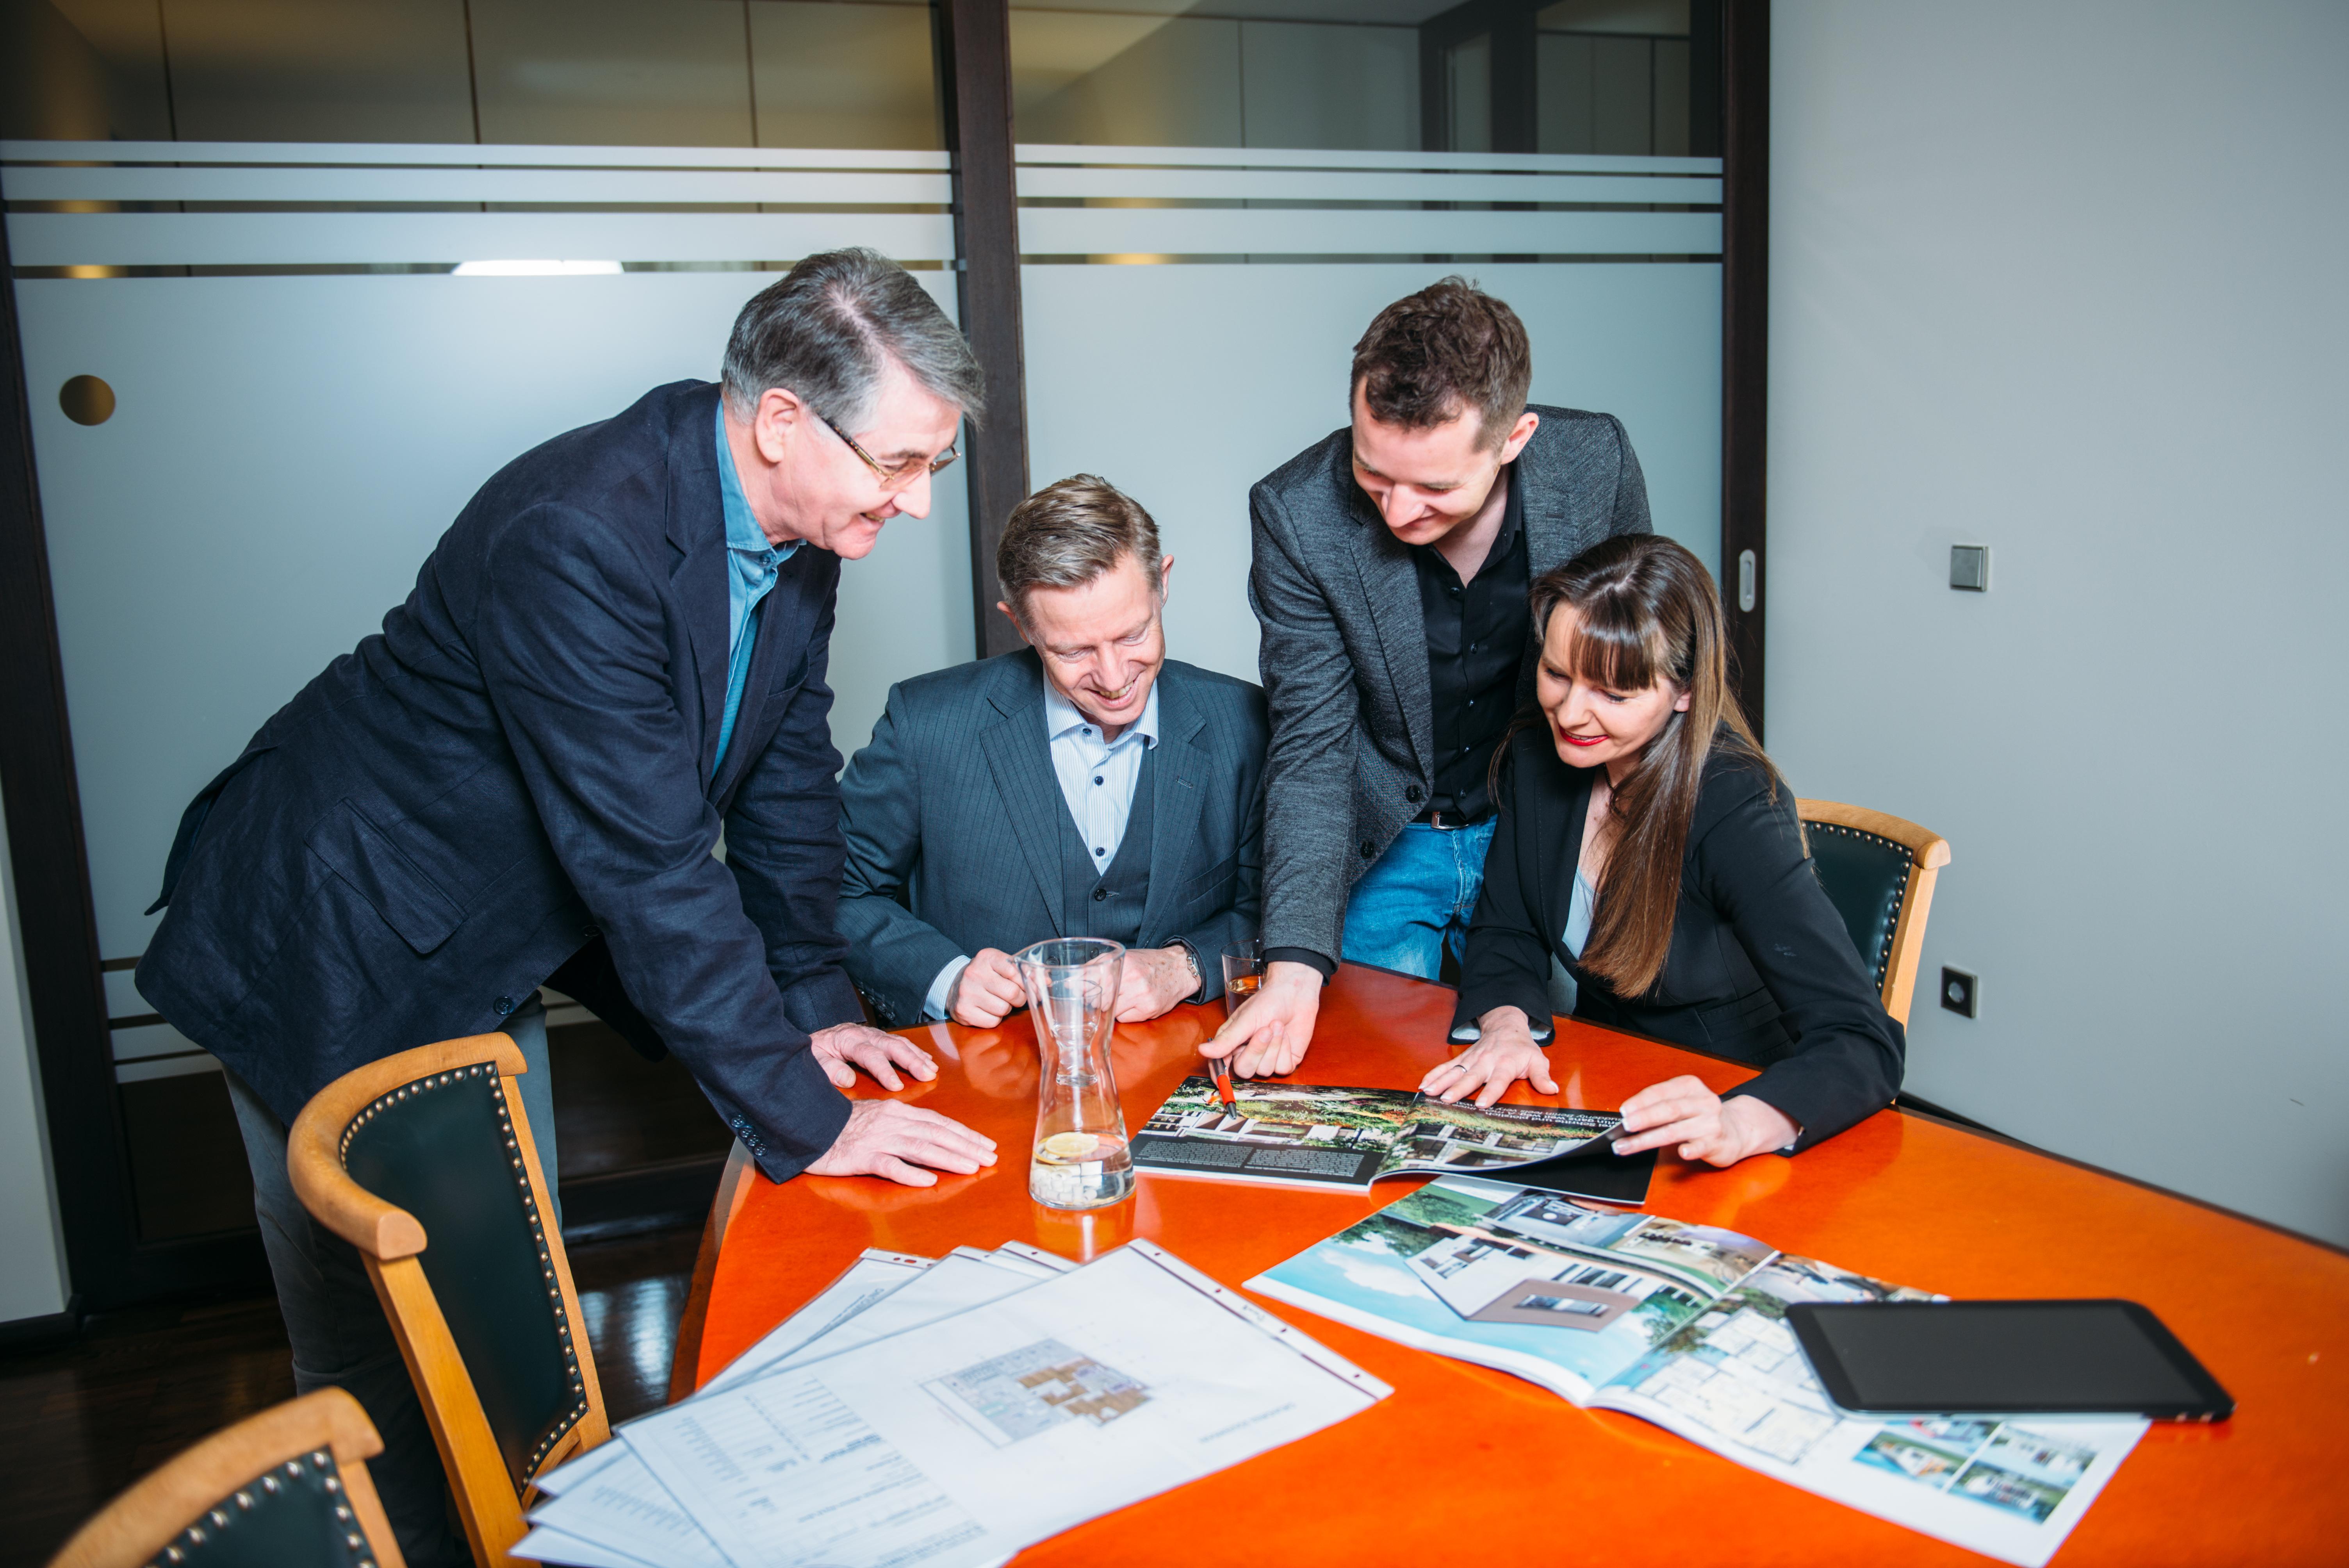 Gemeinsam mit unseren Kooperationspartnern wie Handwerkerteams, Immobilien-Bewertern, Fianziereren beraten wir Sie so, dass Sie das Beste aus Ihrer Immobilie machen können.